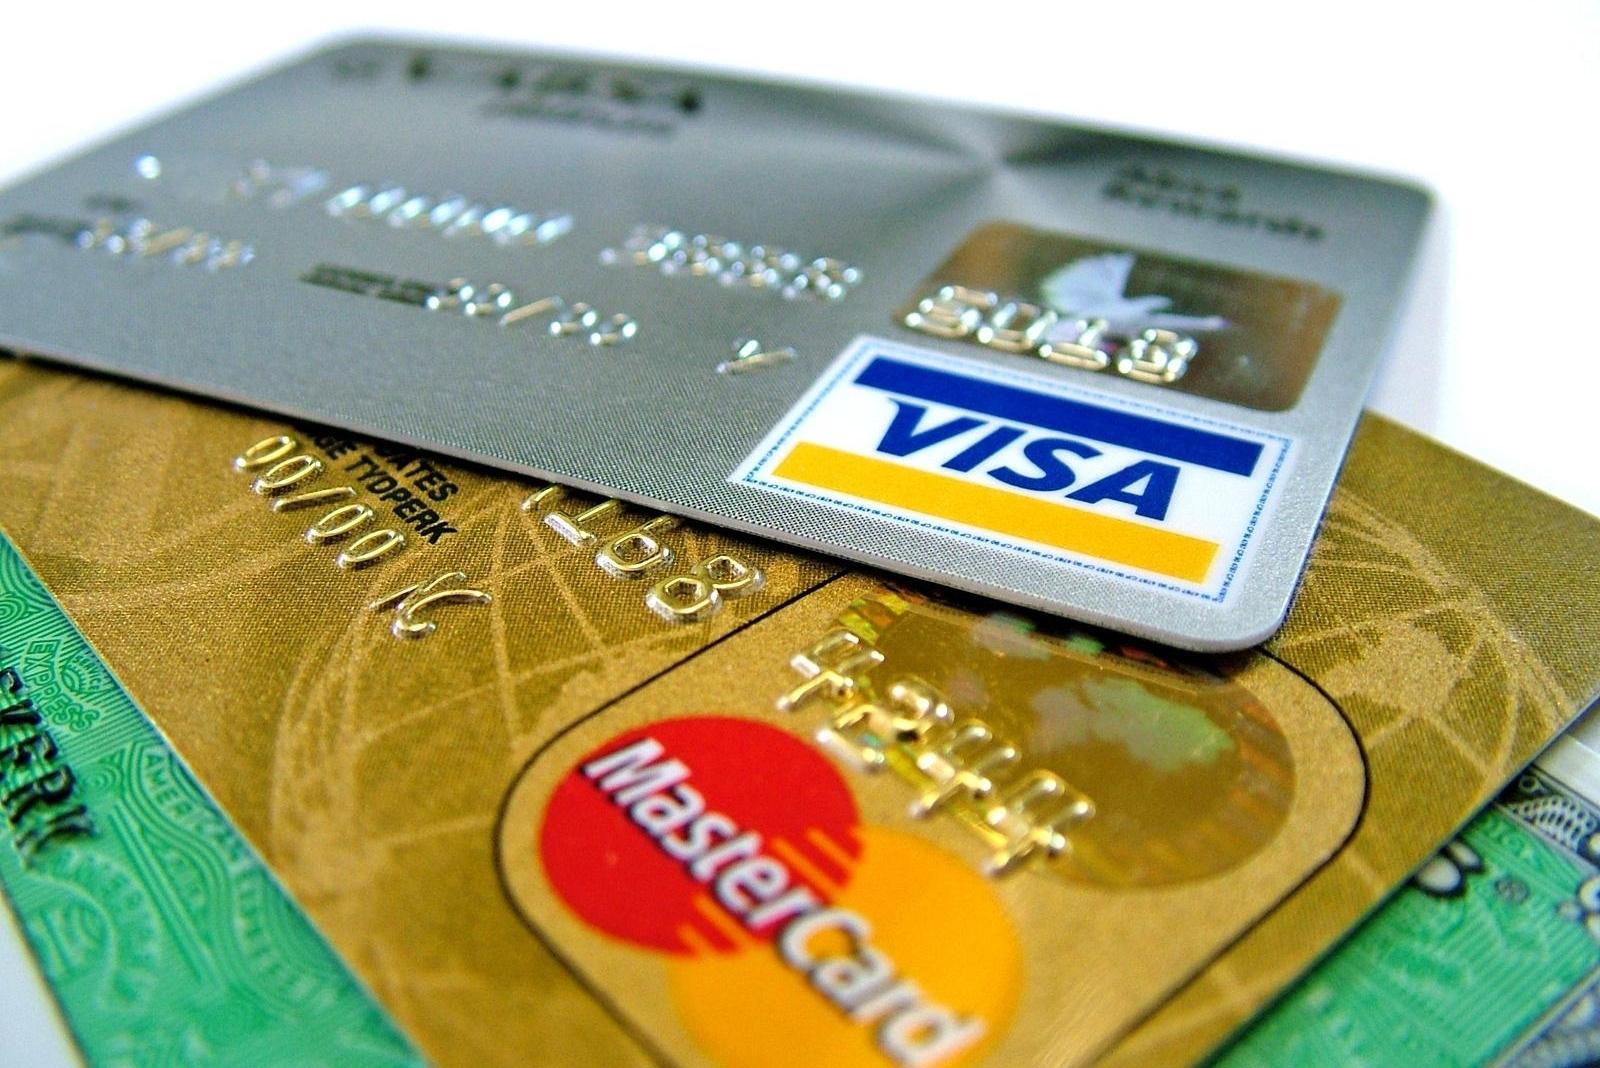 1507557184 1497883307 visa mastercard